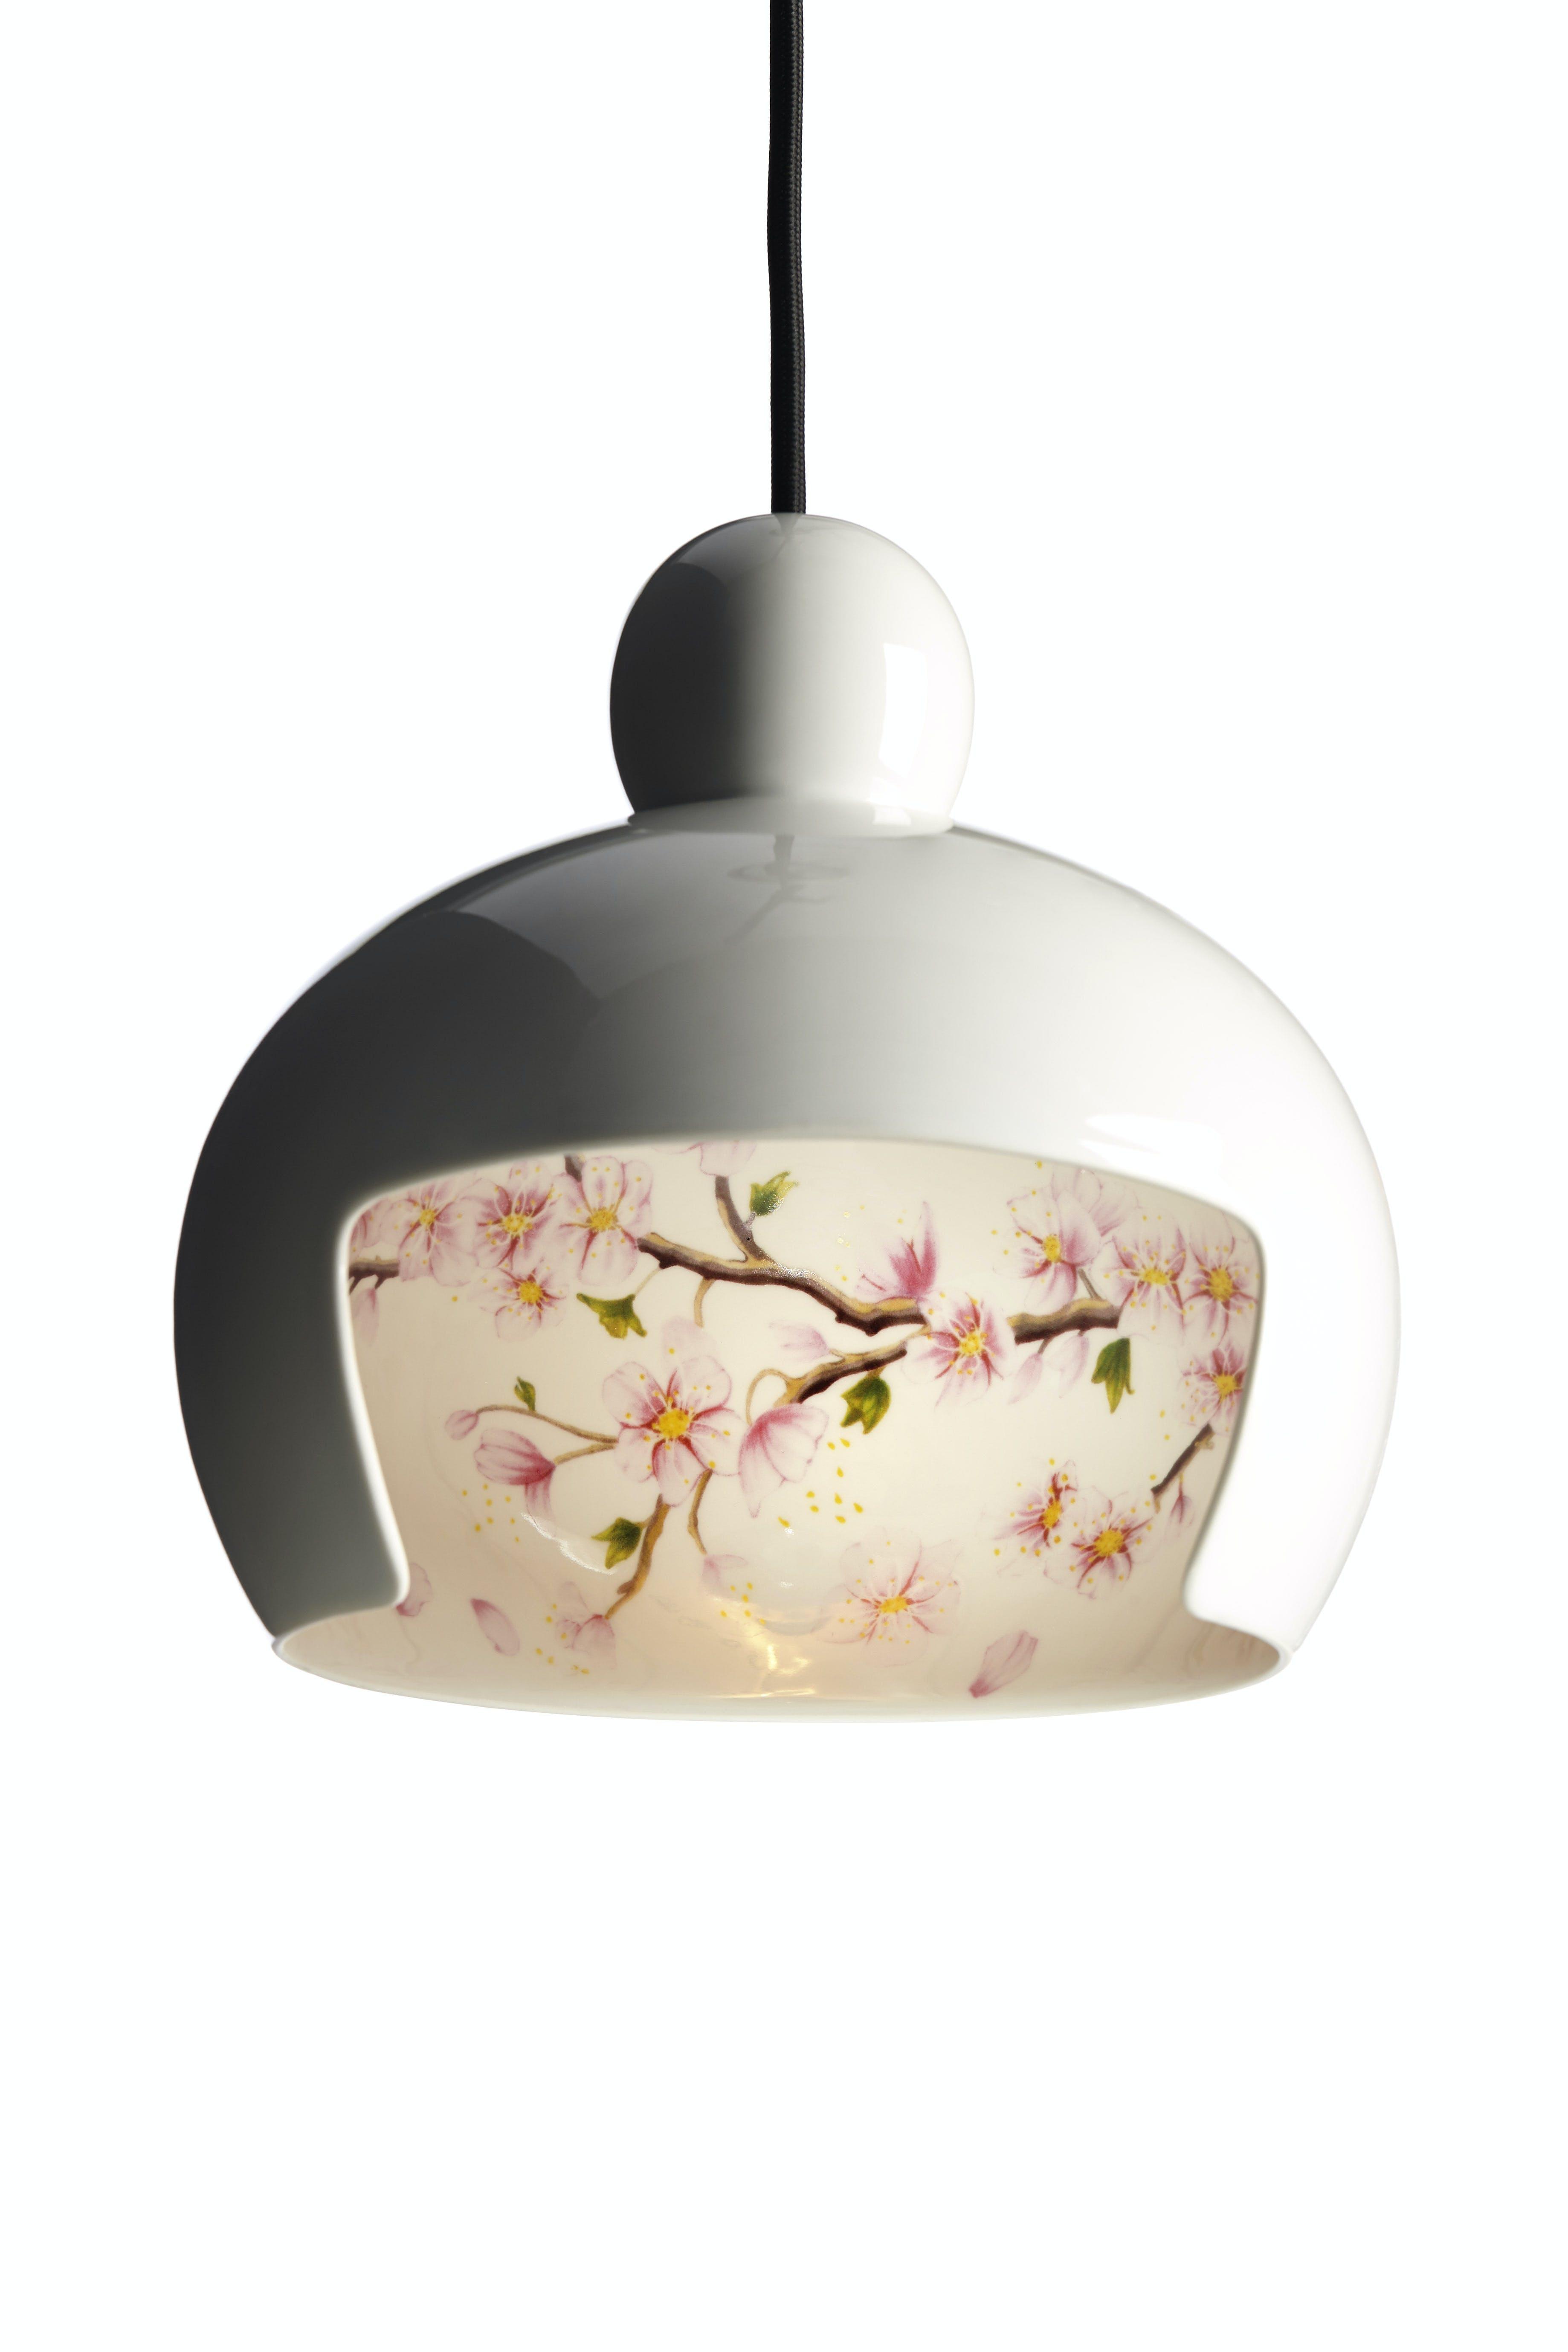 Juuyo Blossom 3